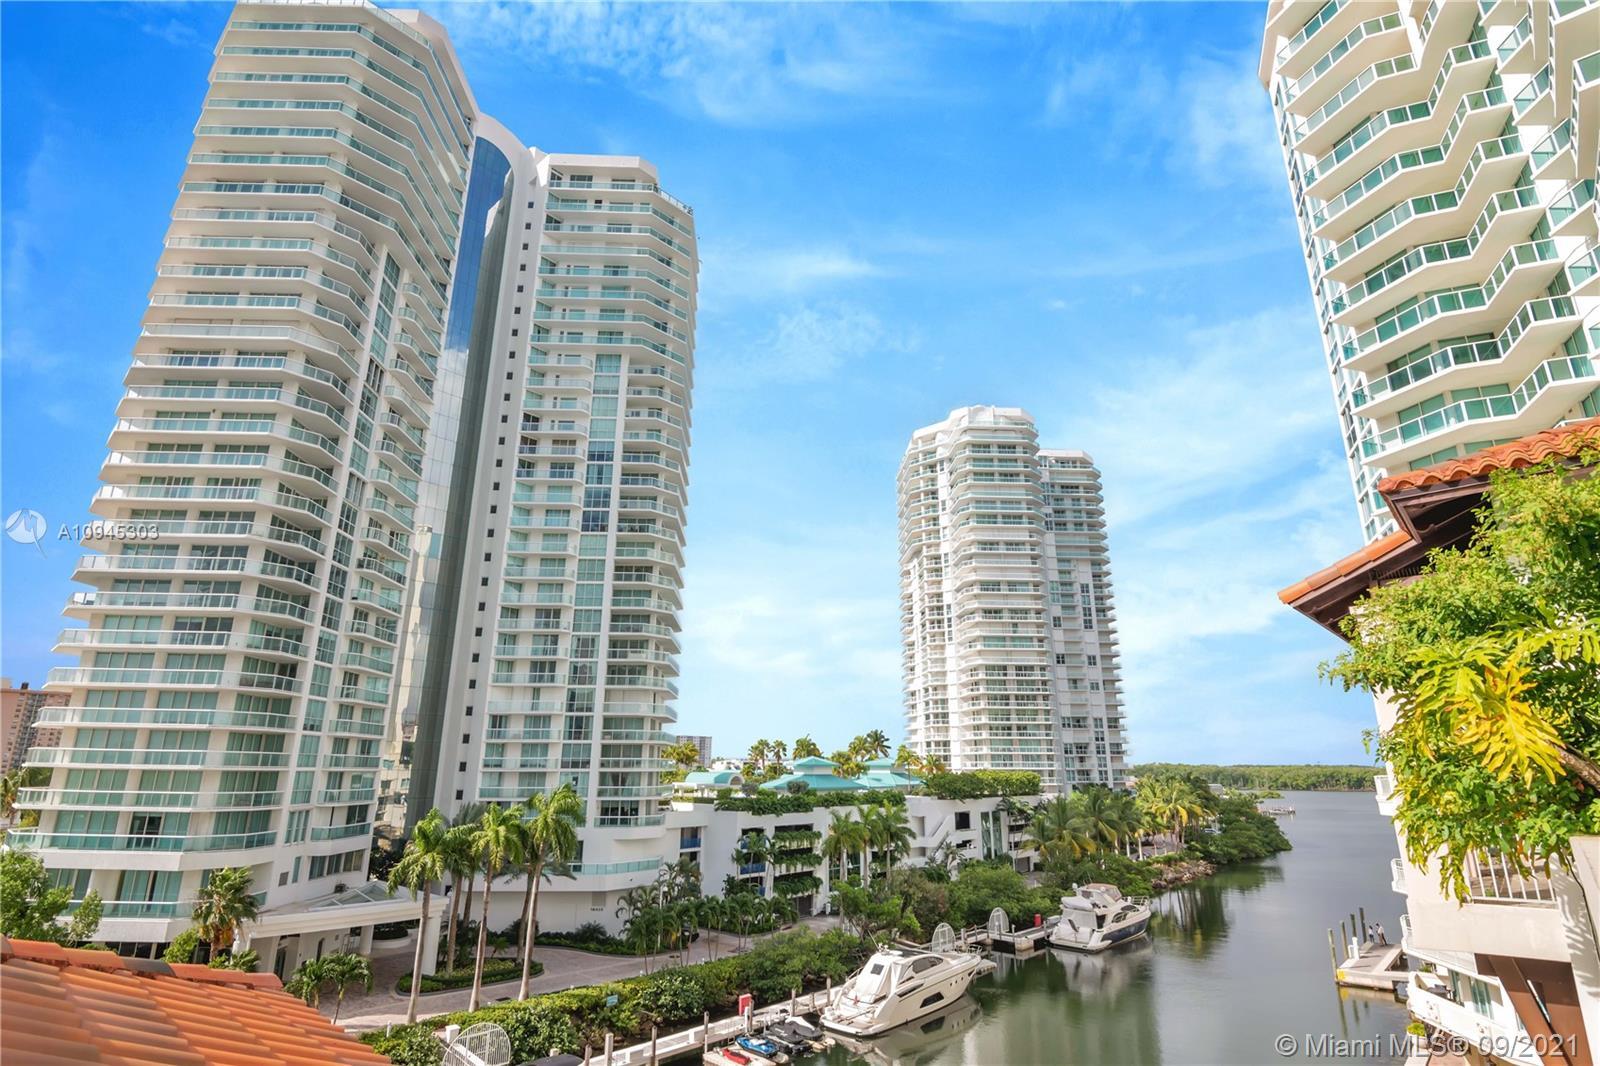 St Tropez I #1-504 - 150 Sunny Isles Blvd #1-504, Sunny Isles Beach, FL 33160